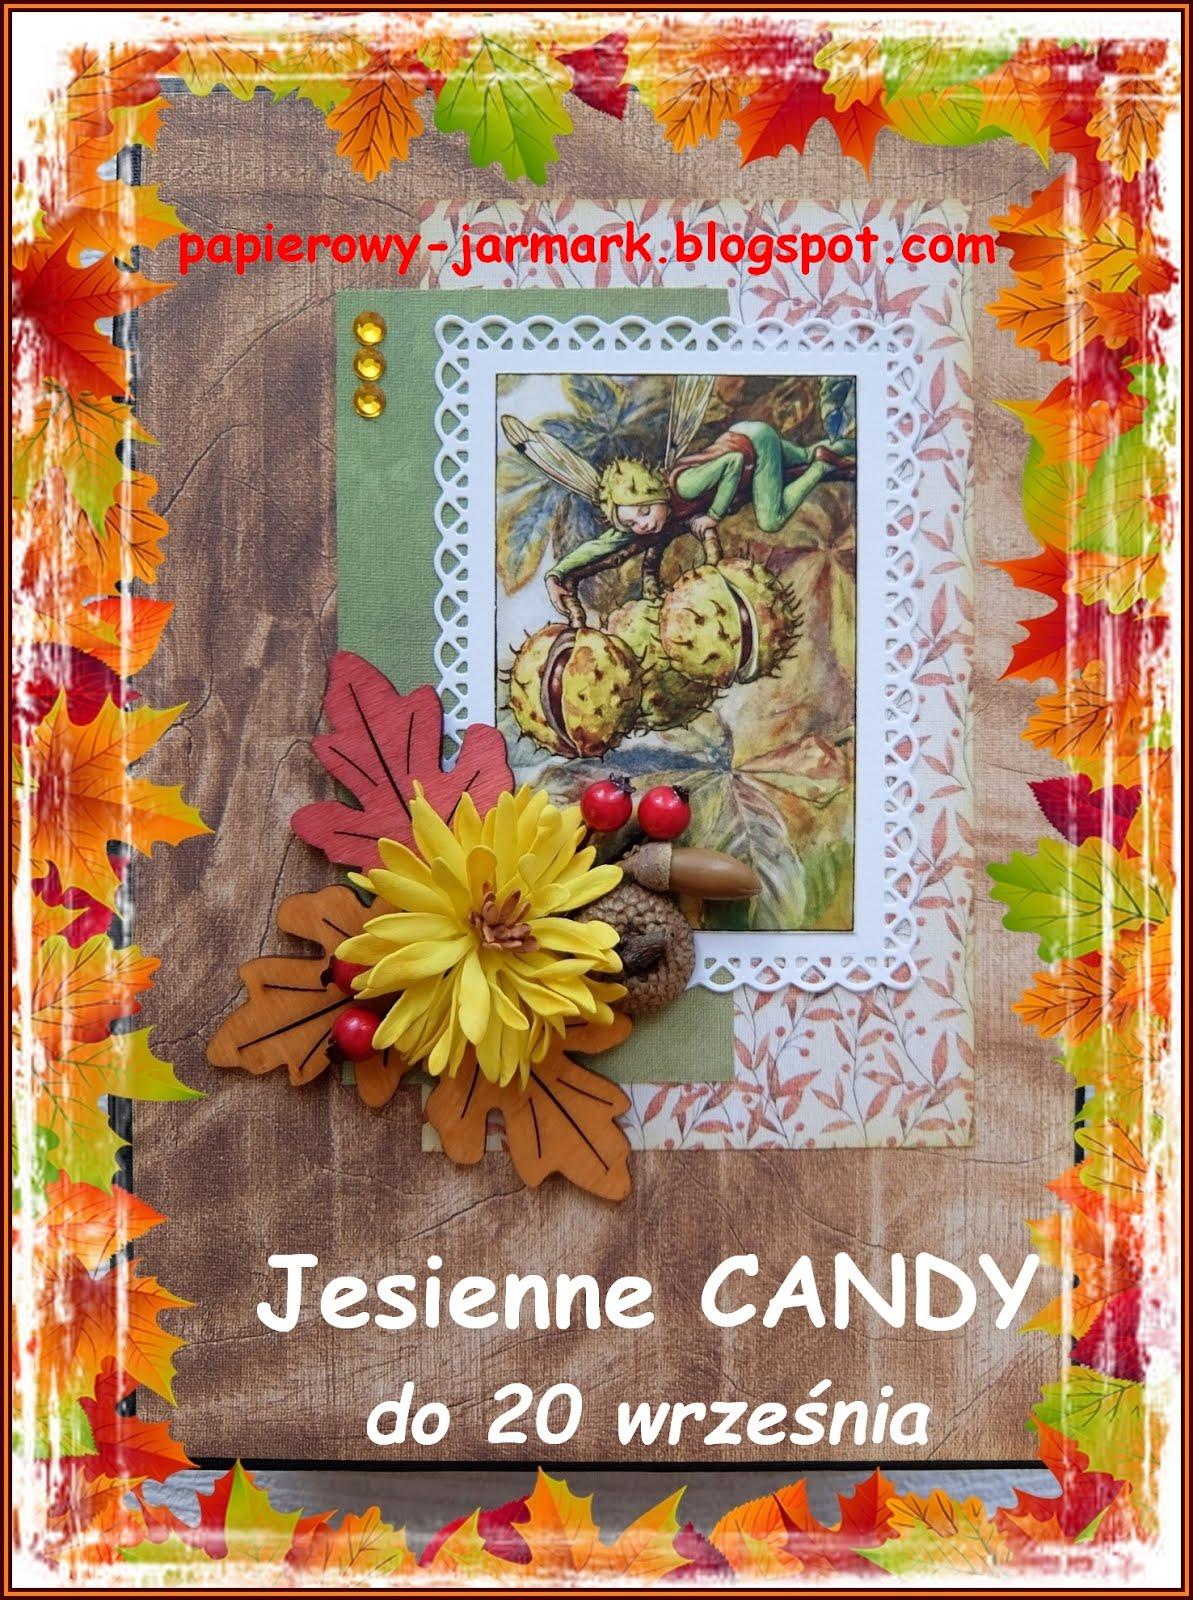 Jesienne candy